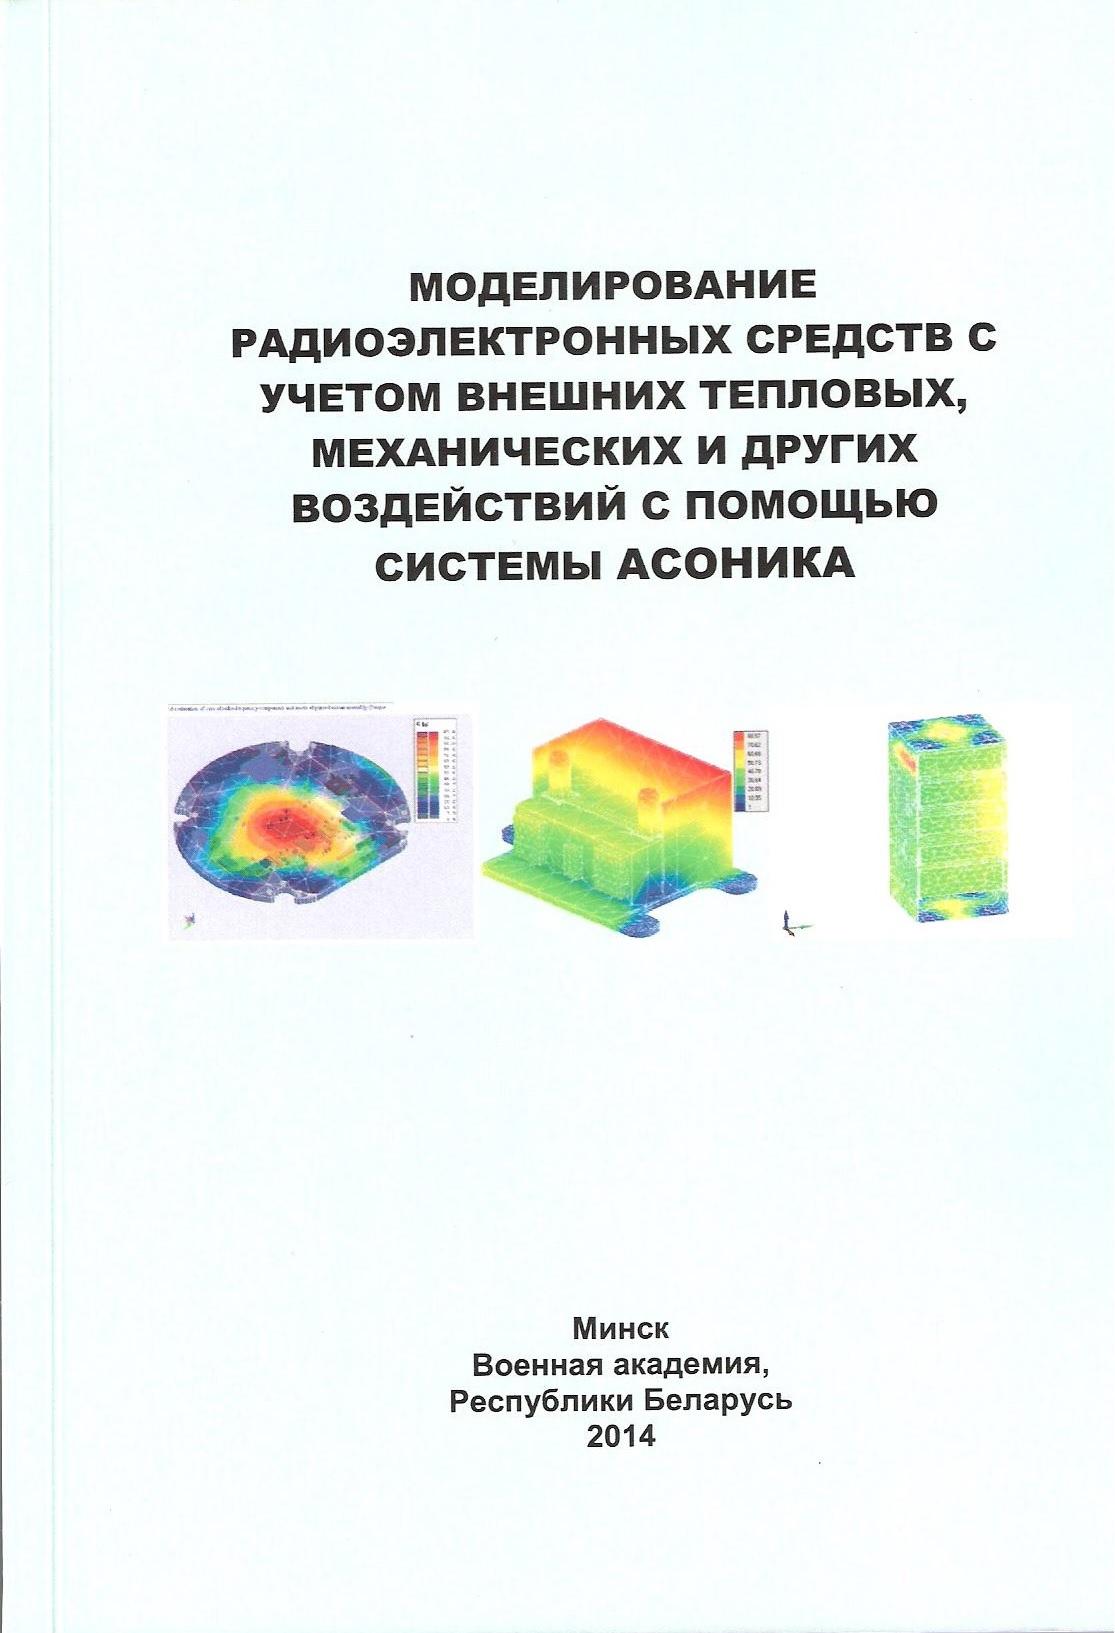 Моделирование радиоэлектронных средств с учетом внешних тепловых, механических и других воздействий с помощью системы АСОНИКА